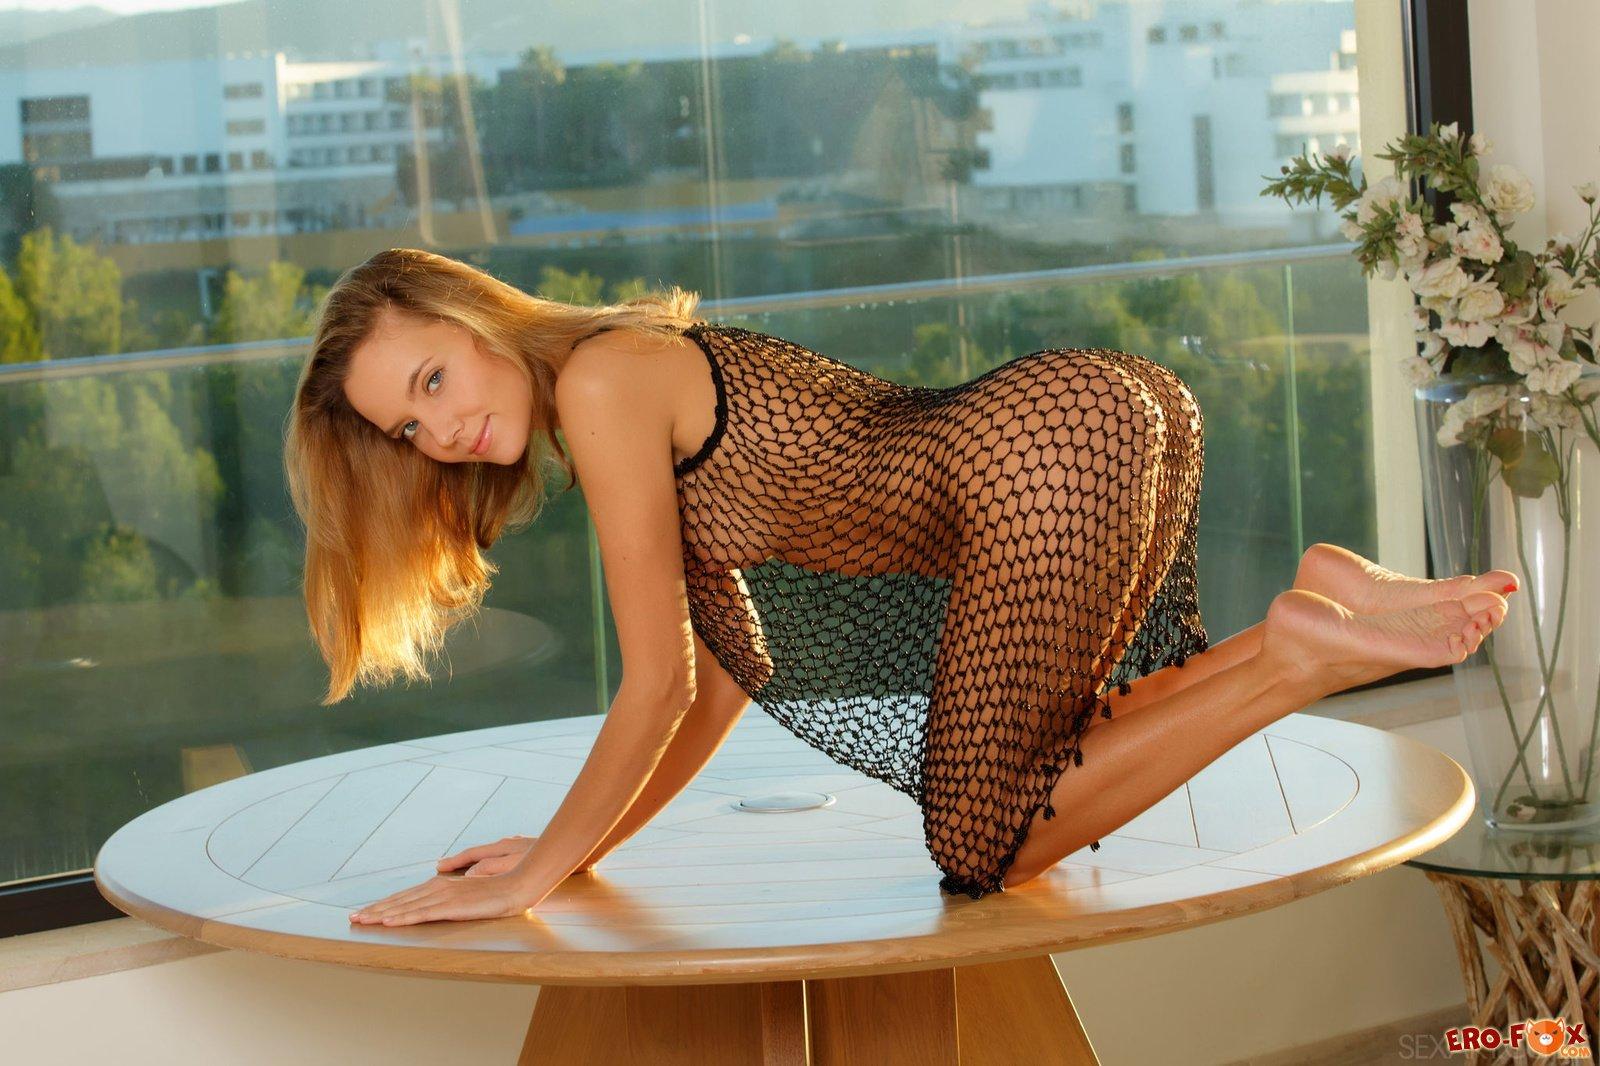 Красивая голая девушка на столе  блондинки.